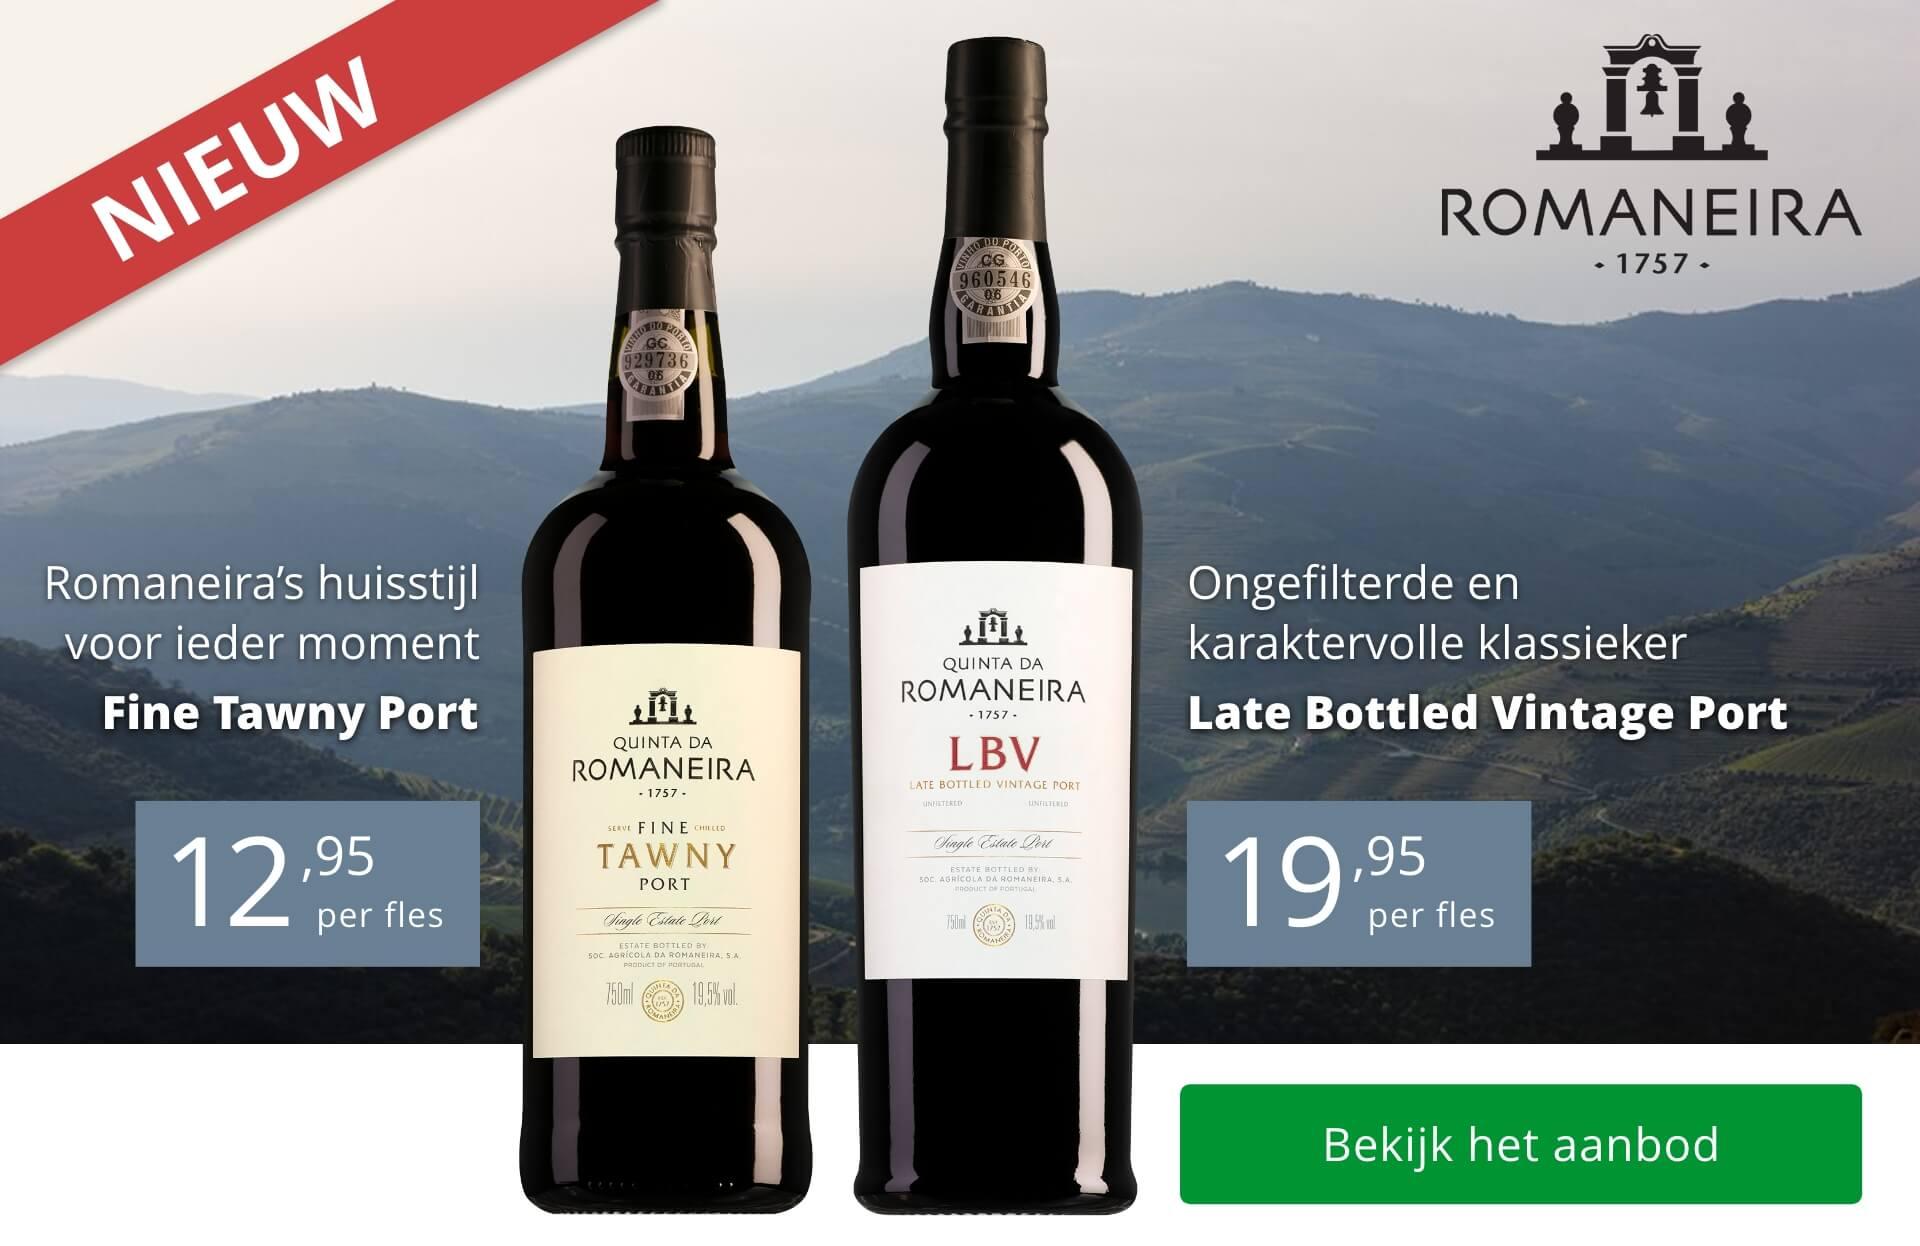 Nieuw in ons assortiment: Quinta da Romaneira